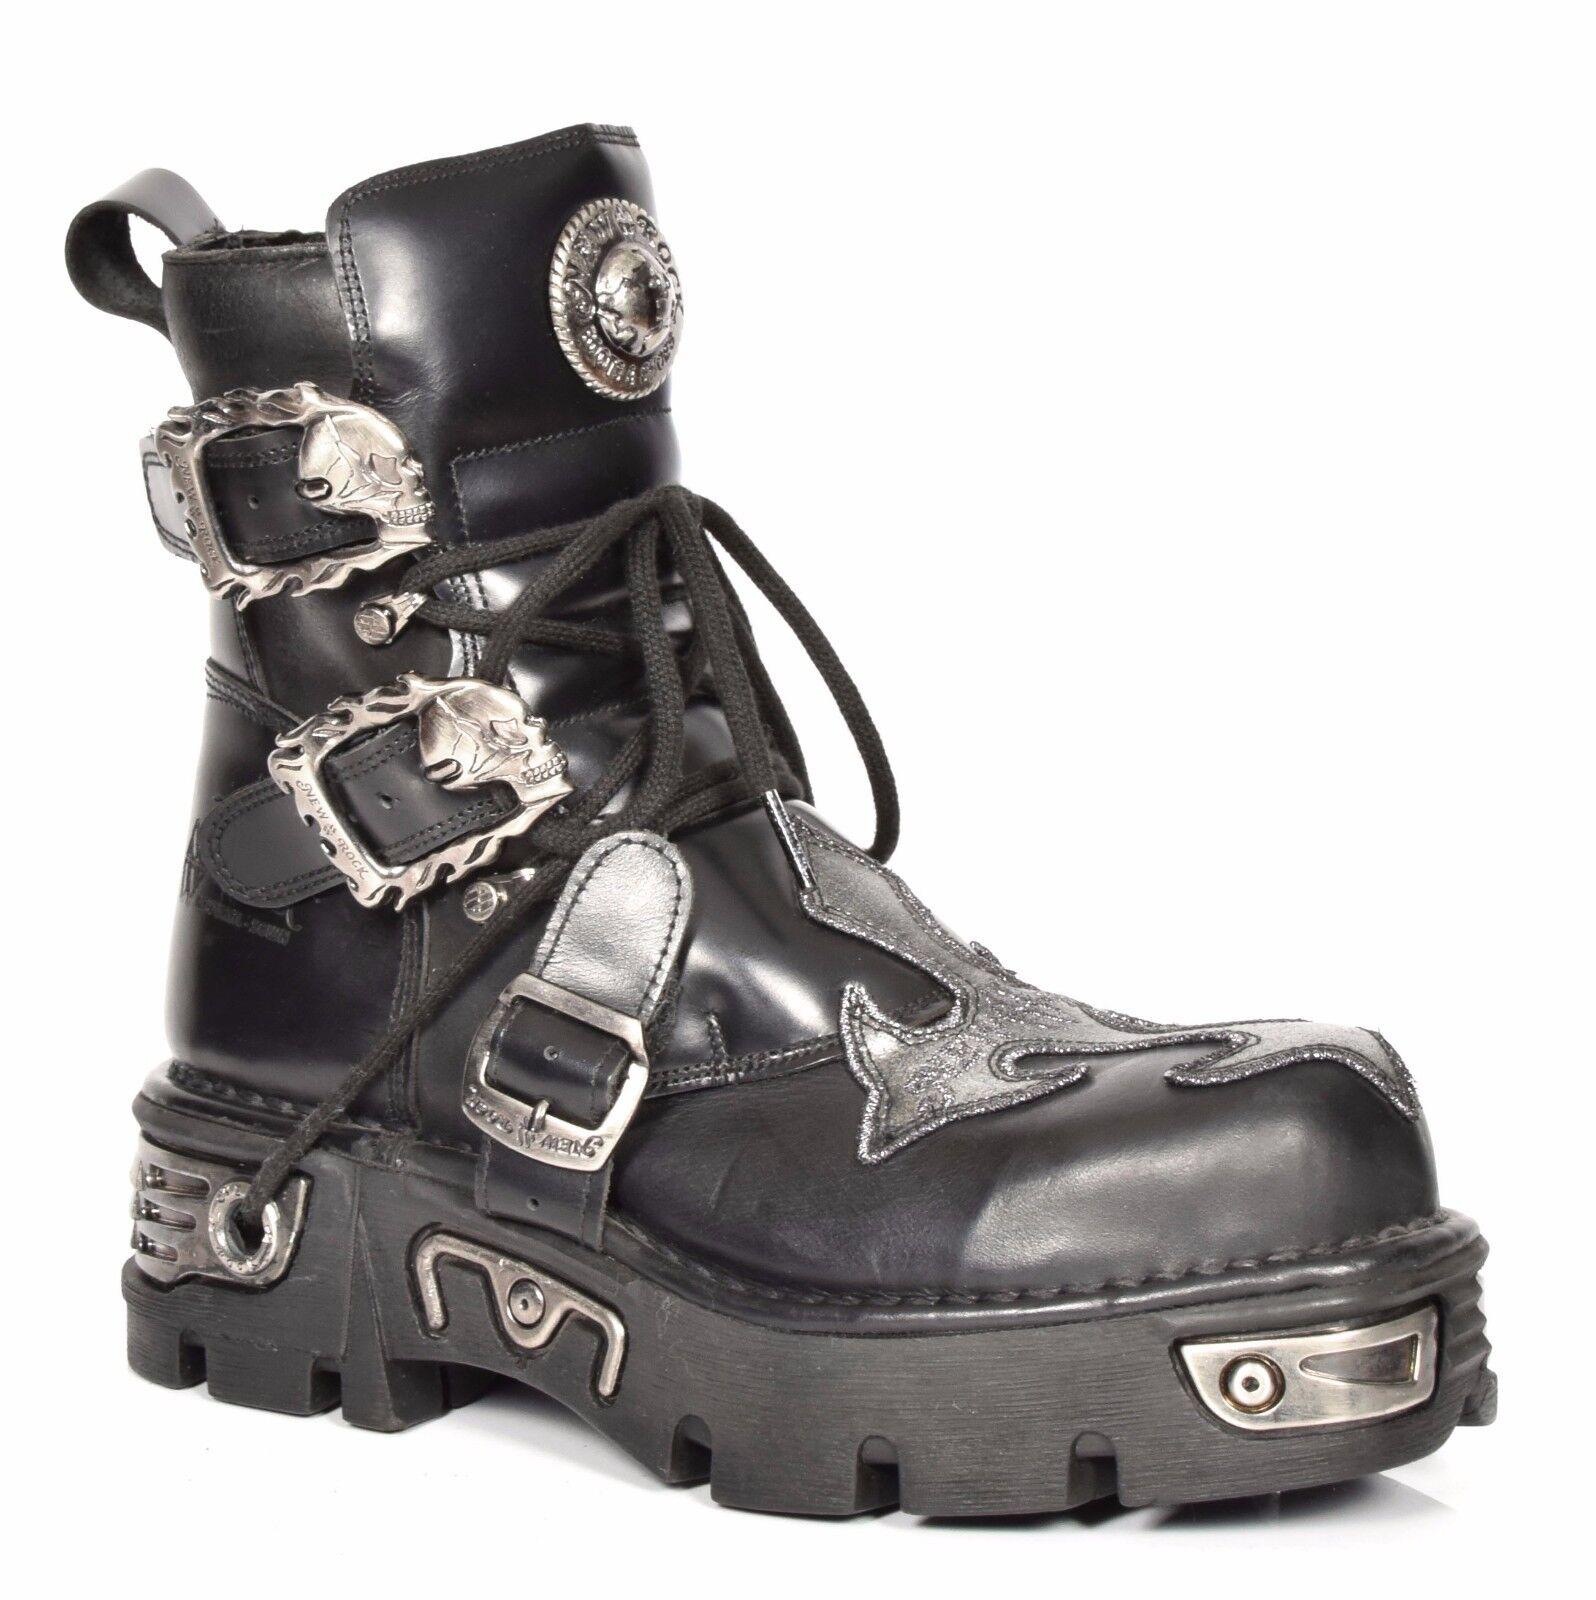 Nuevo Cuero botas al al al Tobillo Zapatos De Rock Hi Top Con Cordones De Cruz De Plata Diseño Rockstar  servicio honesto